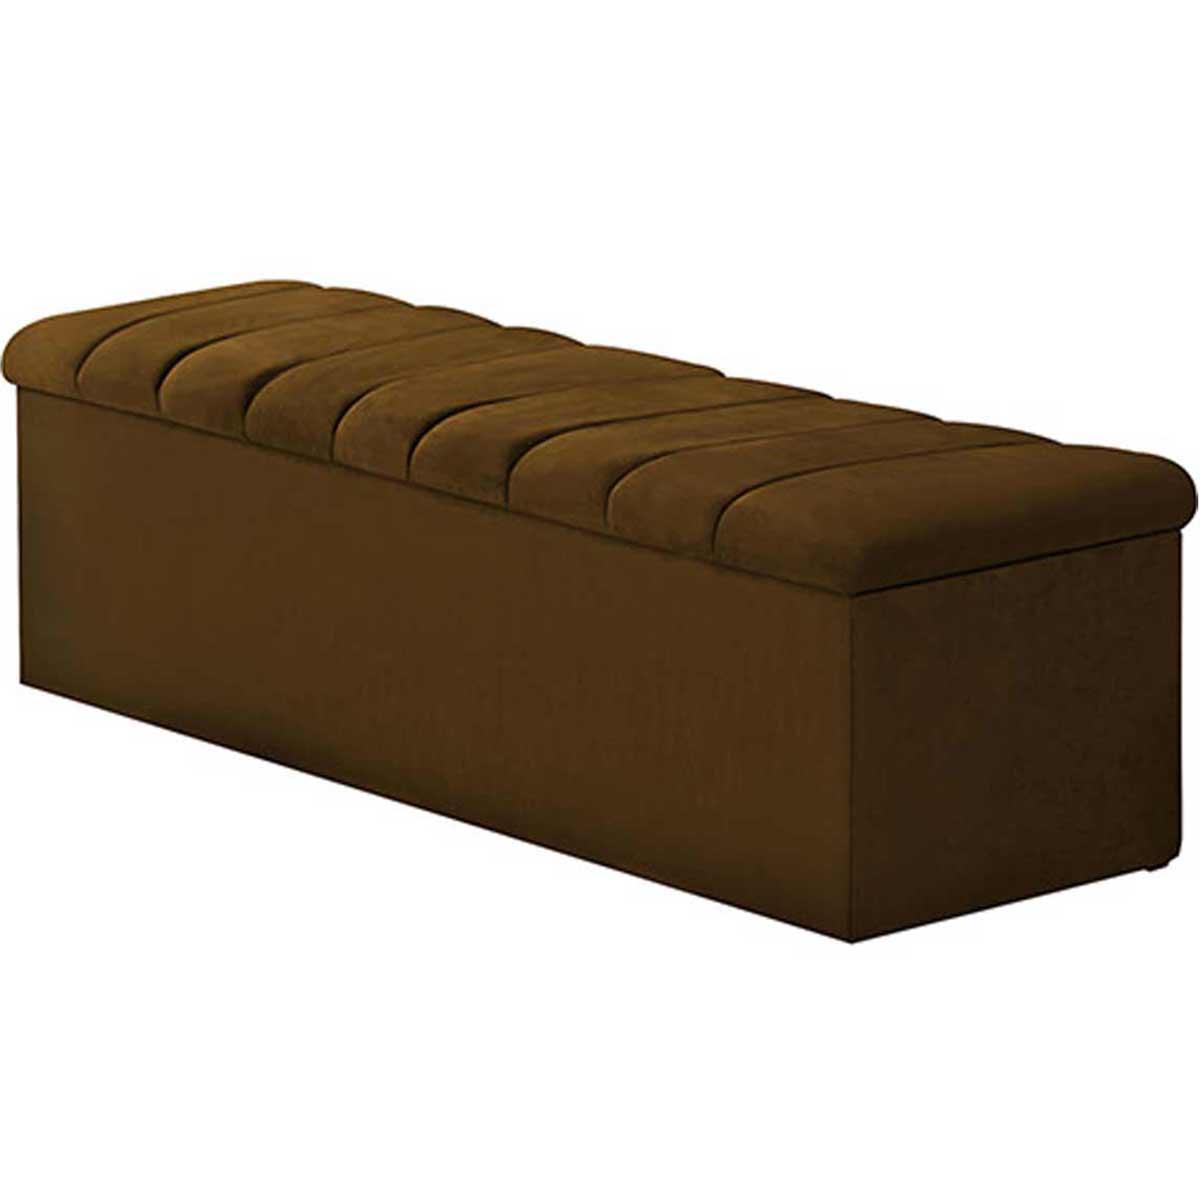 Calçadeira com Baú Condessa 140 cm Suede Chocolate Simbal